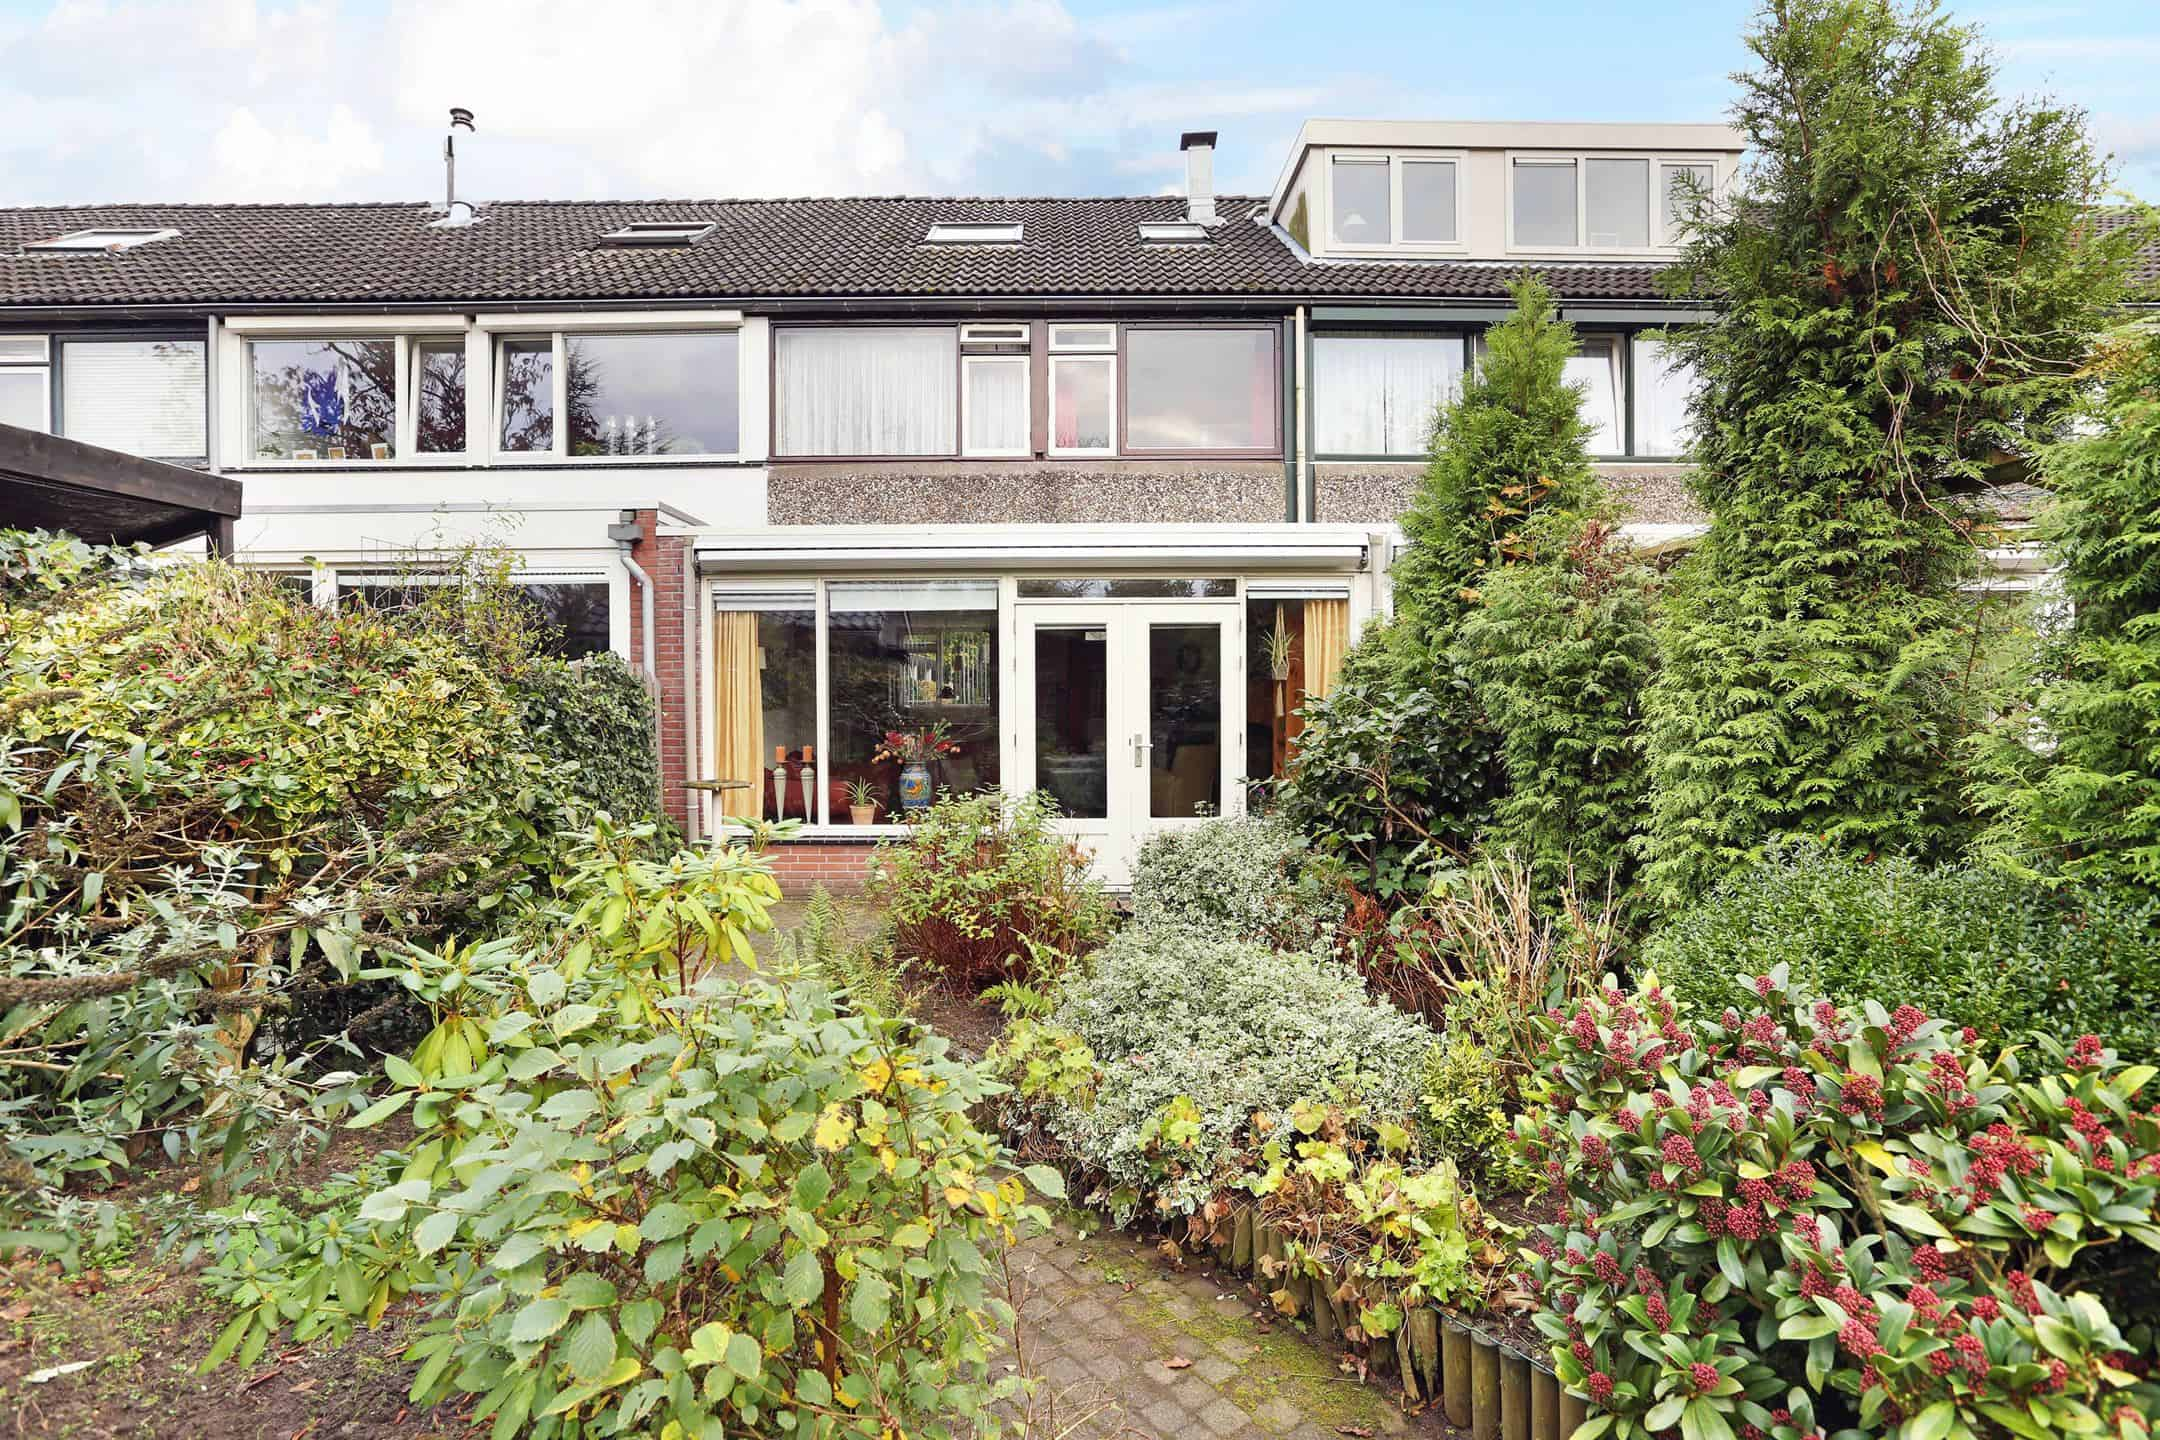 898 2160 - Verhuurrendement woningen Apeldoorn: 7% per jaar (eerste fase).